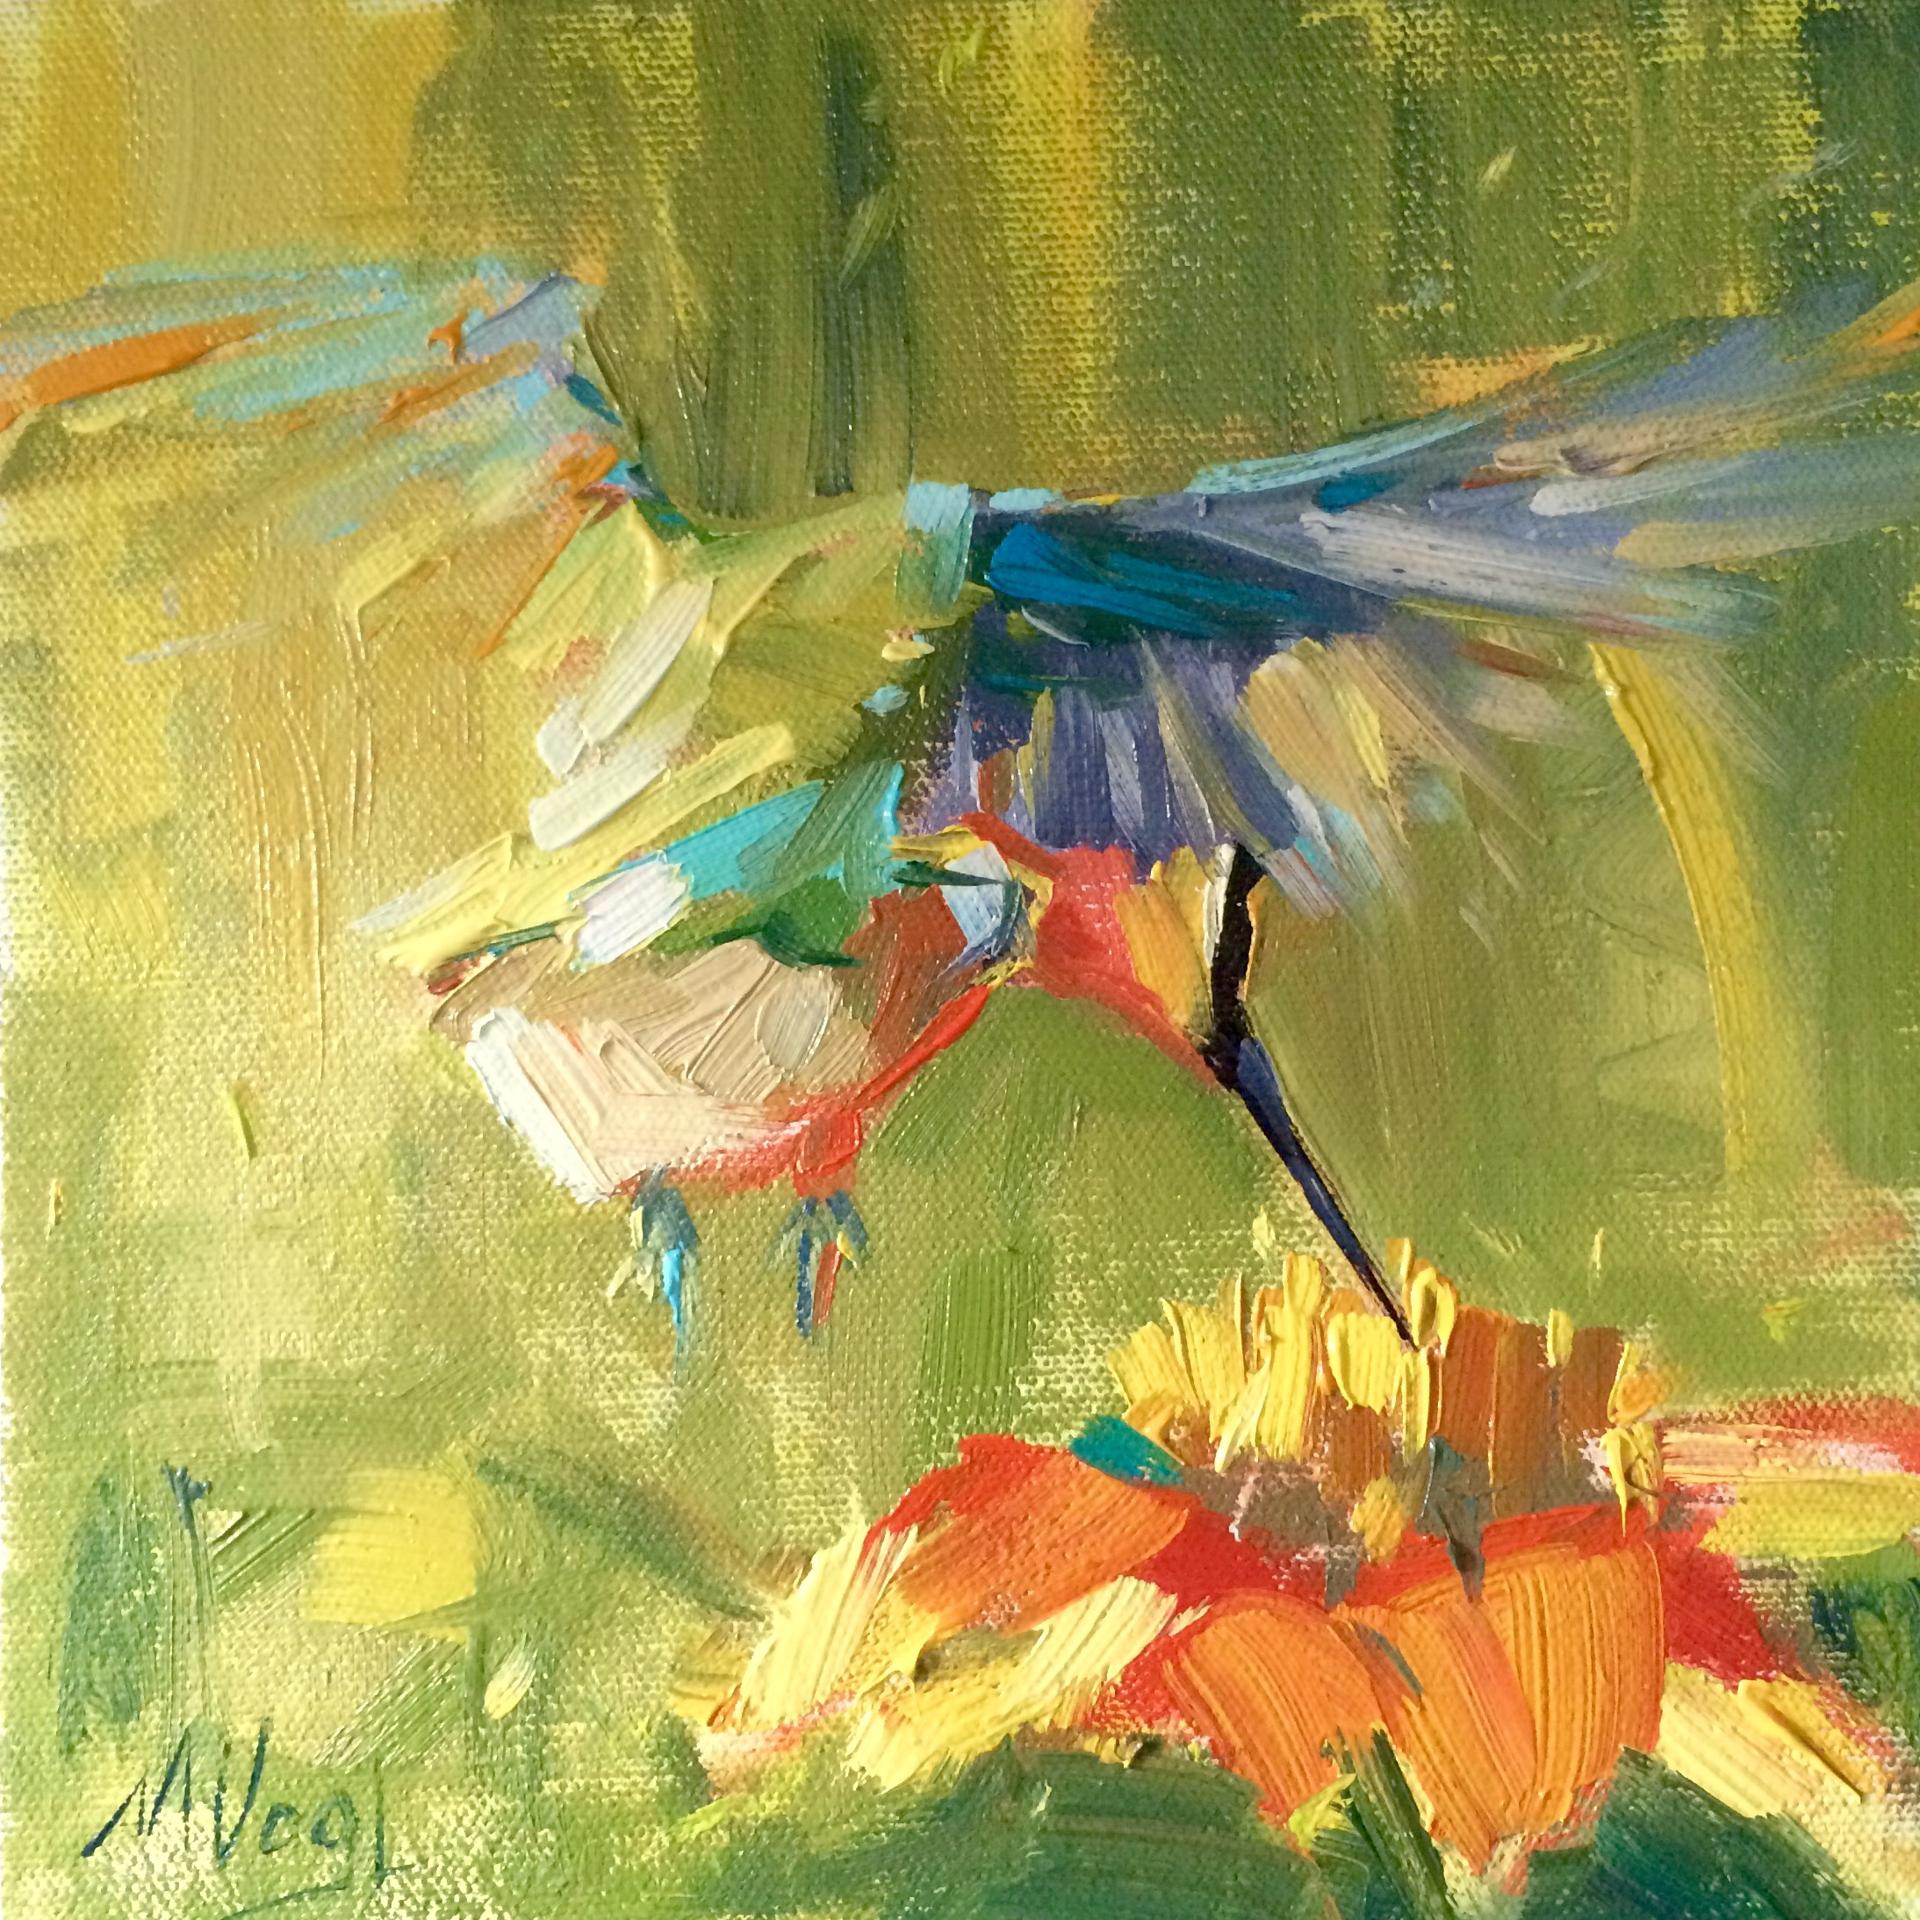 Flutter For Food by Marissa Vogl